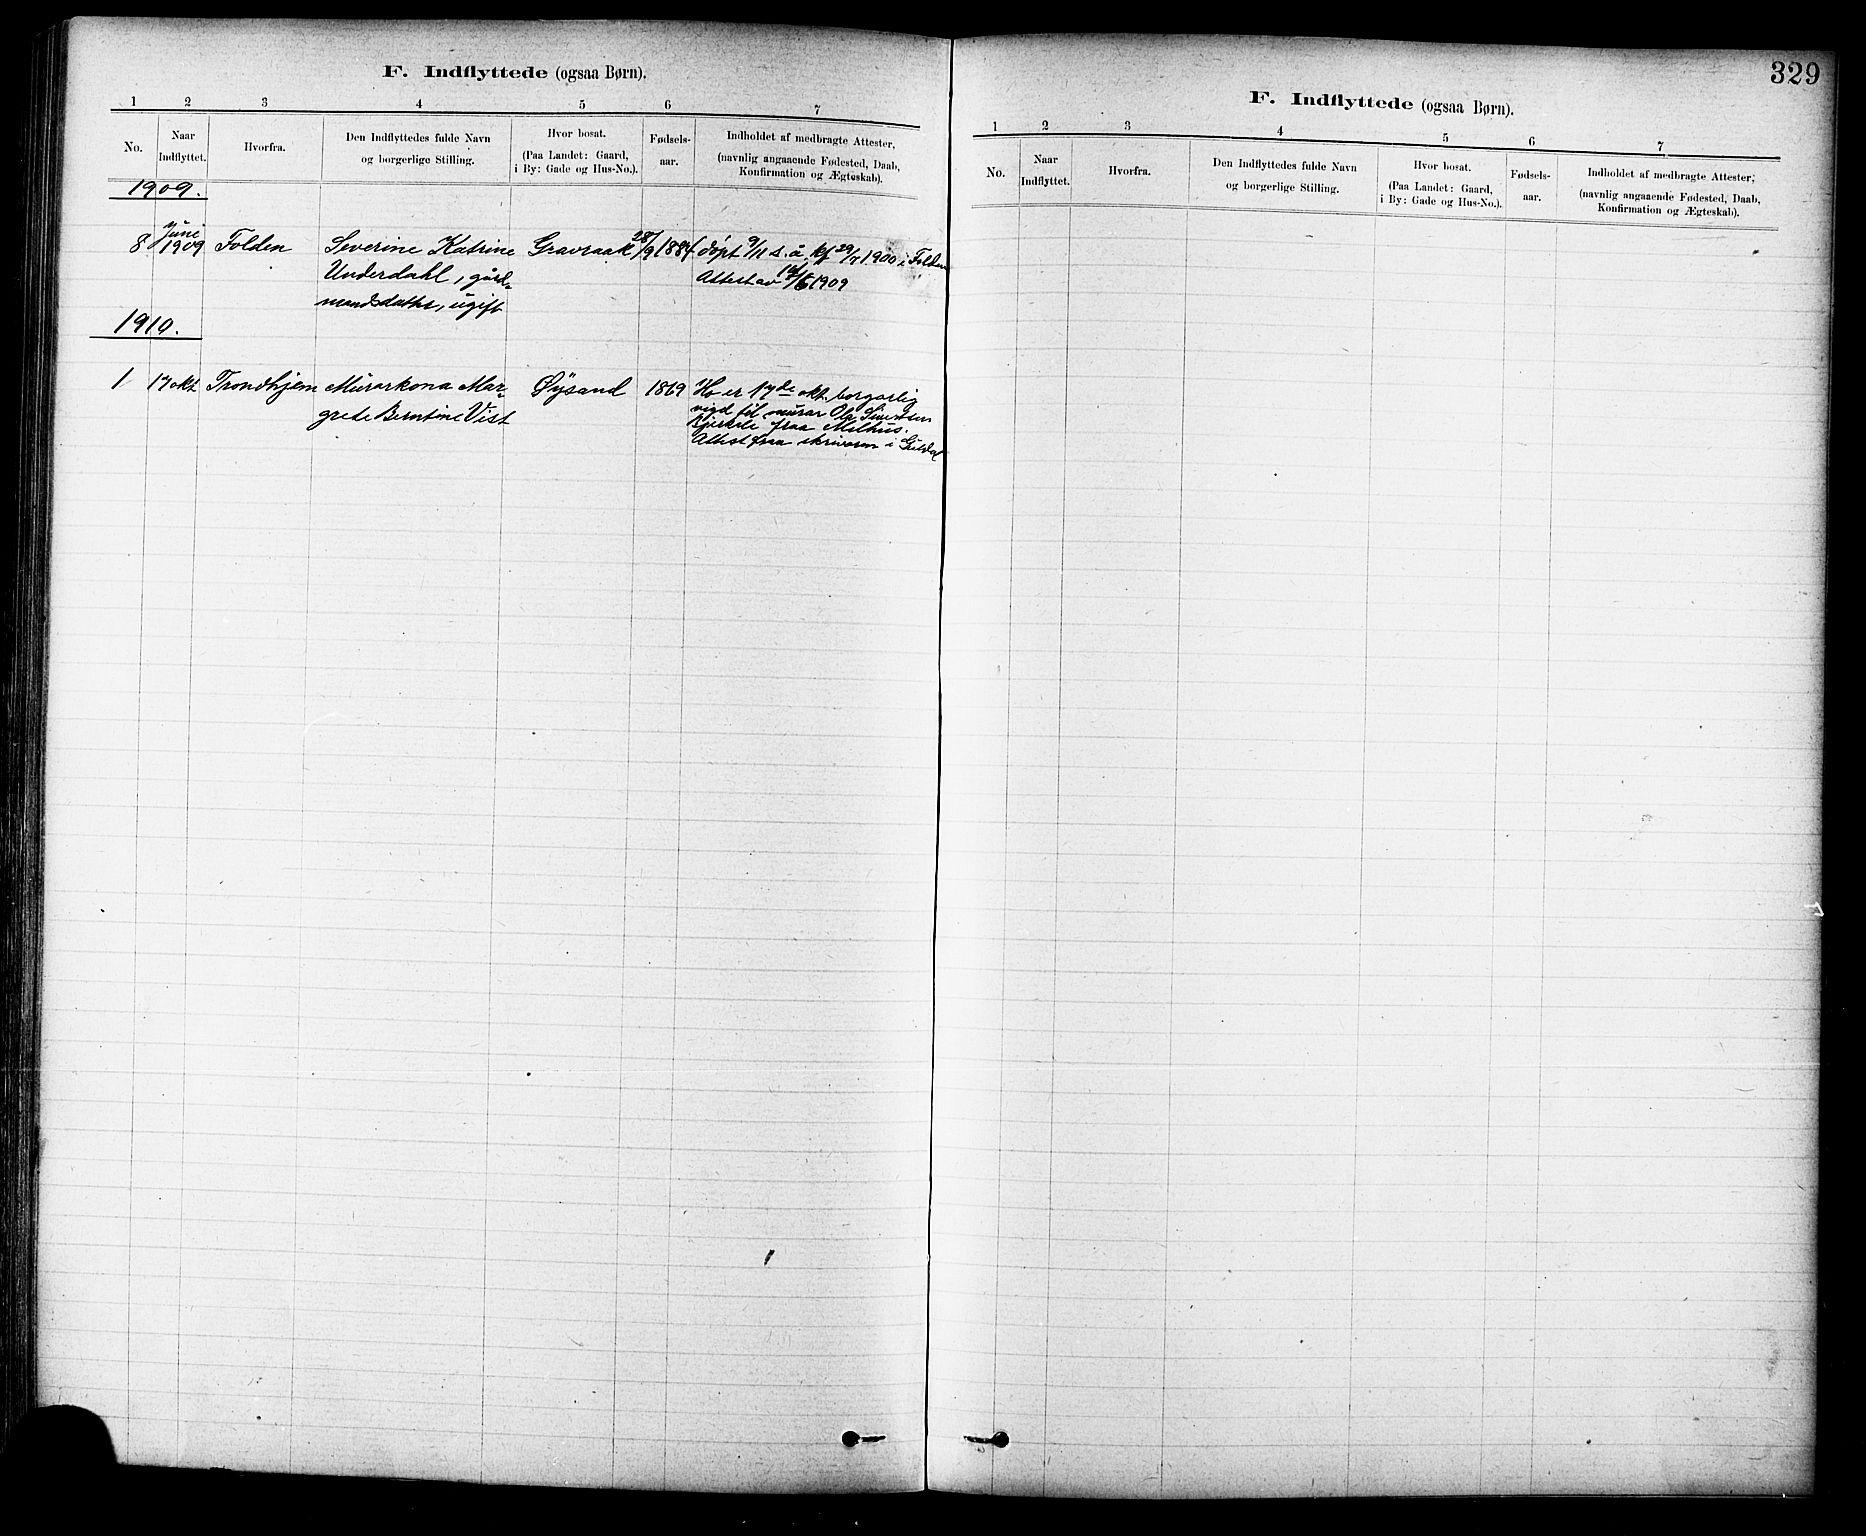 SAT, Ministerialprotokoller, klokkerbøker og fødselsregistre - Sør-Trøndelag, 691/L1094: Klokkerbok nr. 691C05, 1879-1911, s. 329